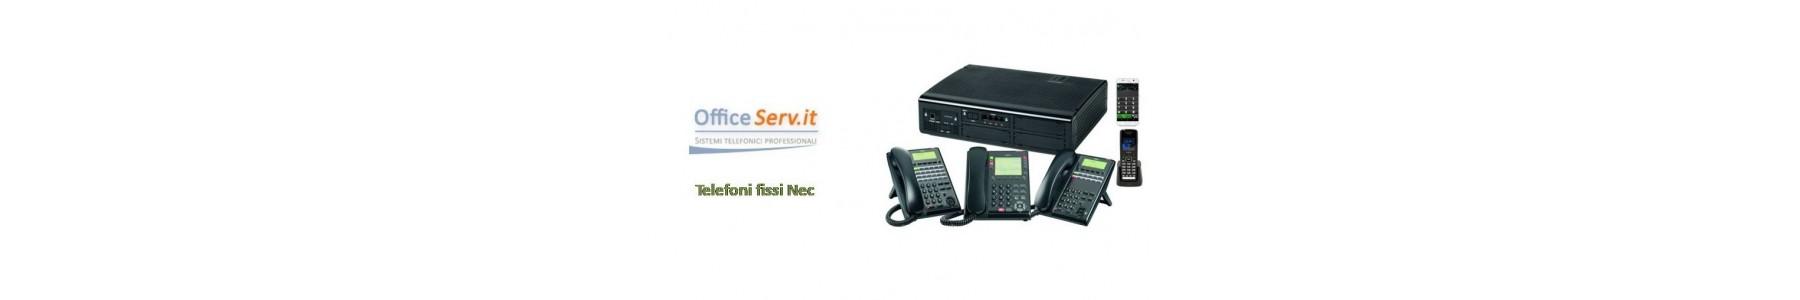 TELEFONI FISSI NEC